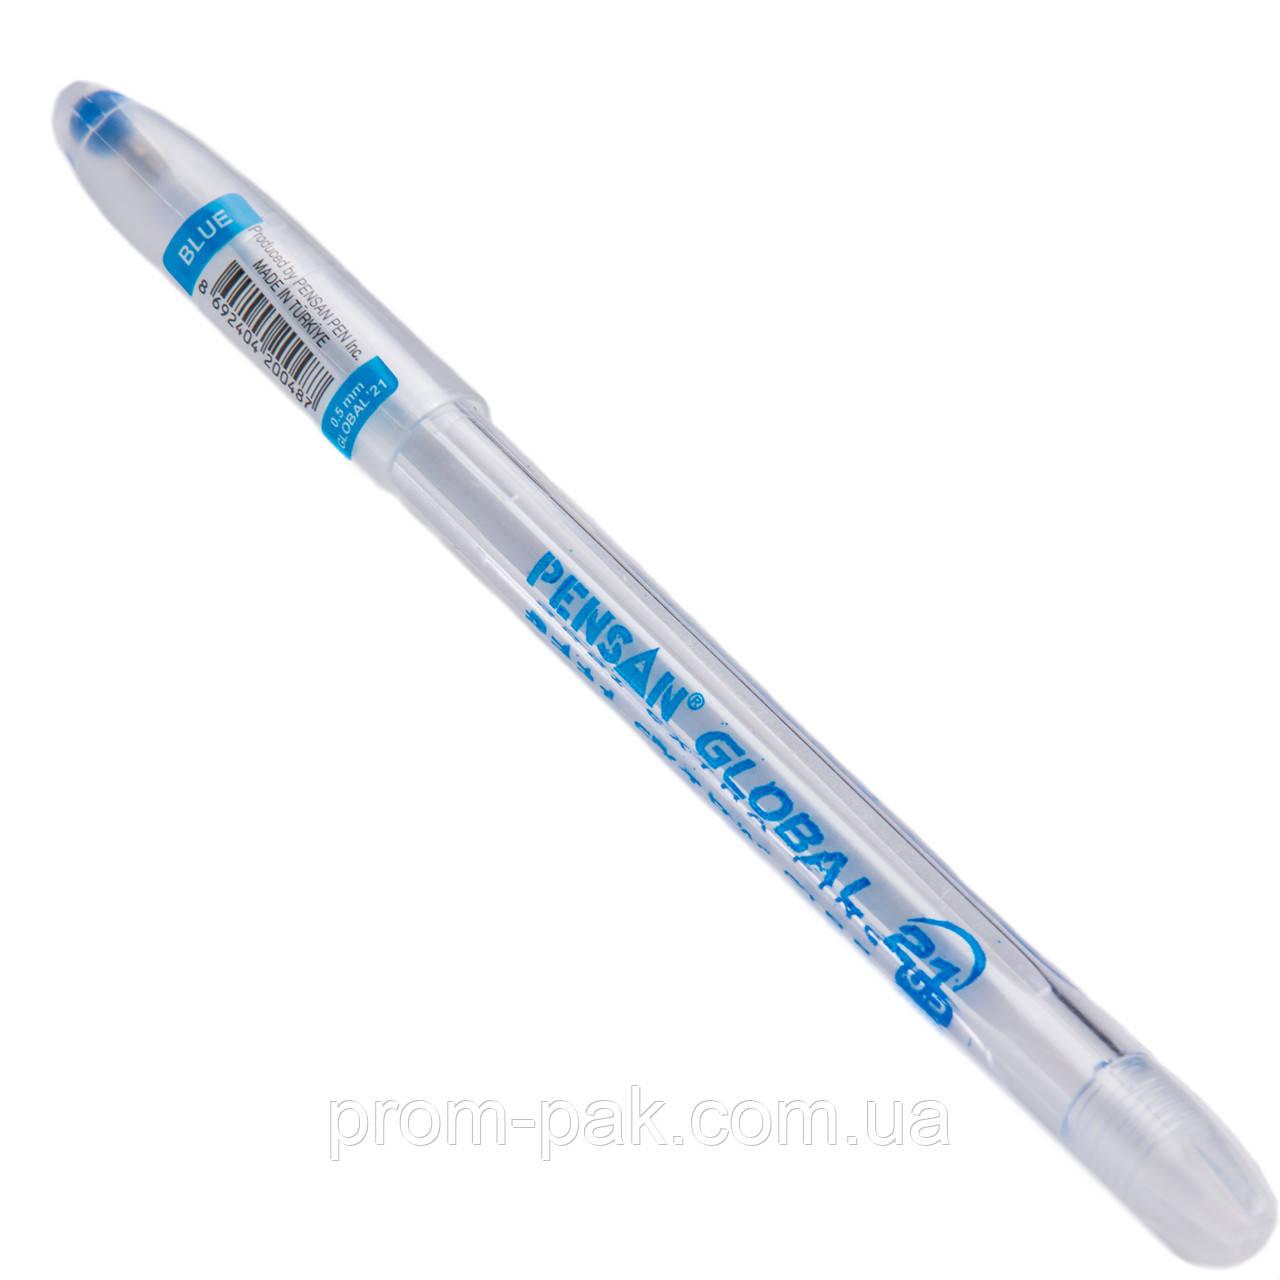 Шариковая ручка Global синяя